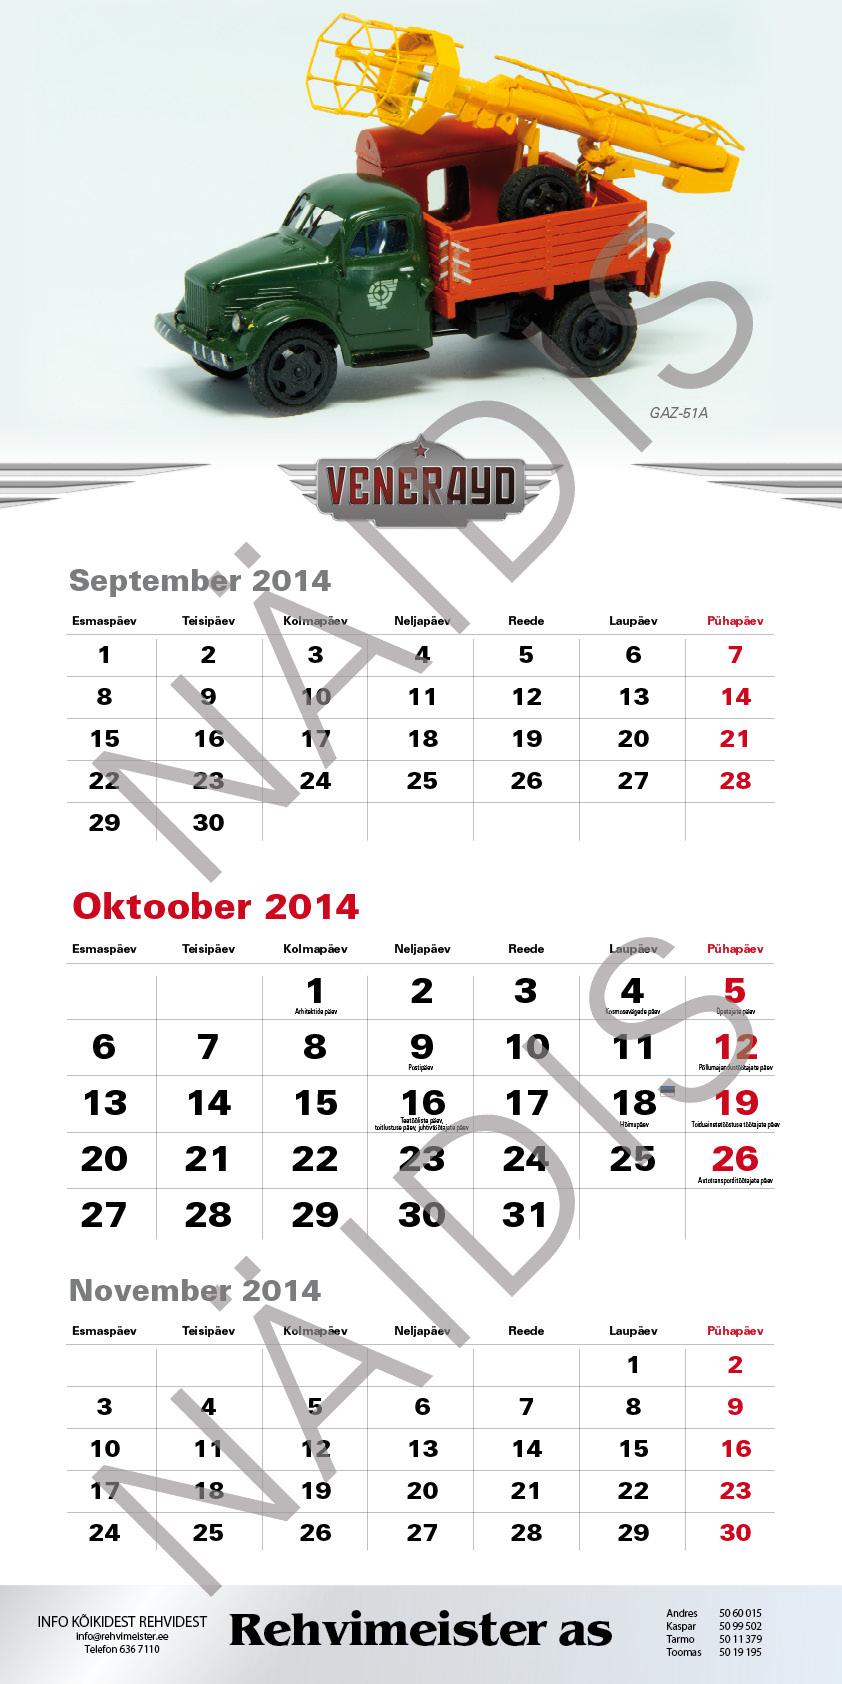 Veneraud_kalender_201411